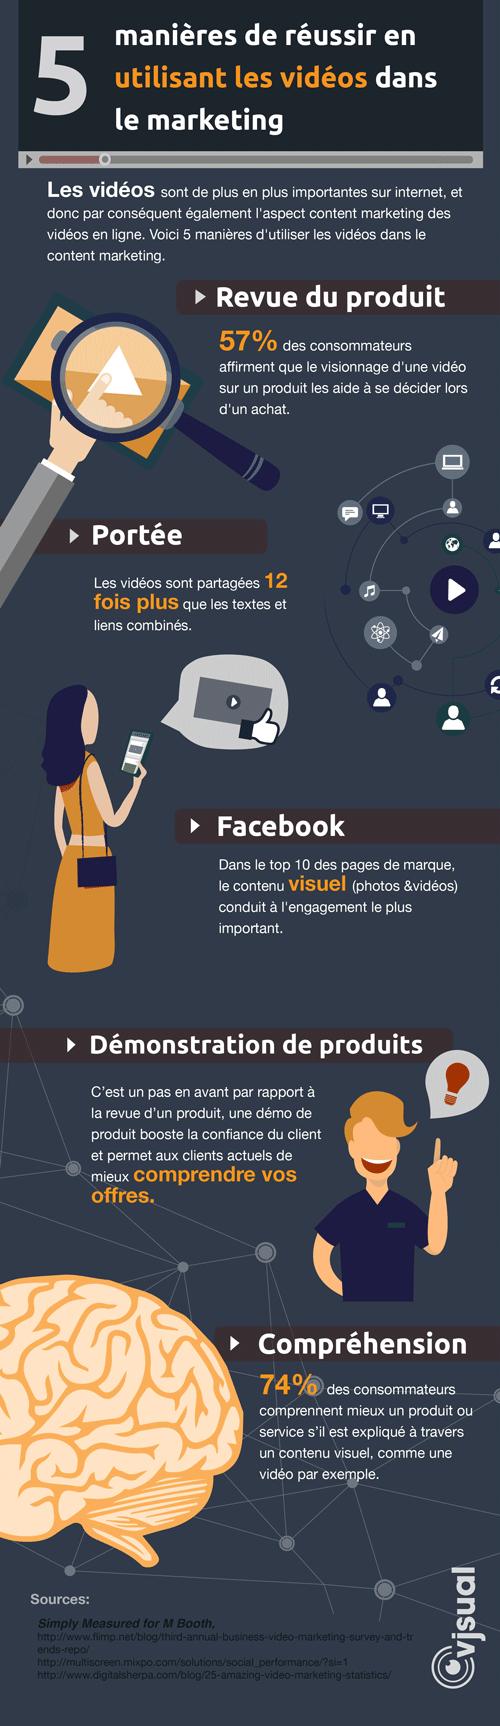 5-manières-réussir-vidéos-marketing-infographie